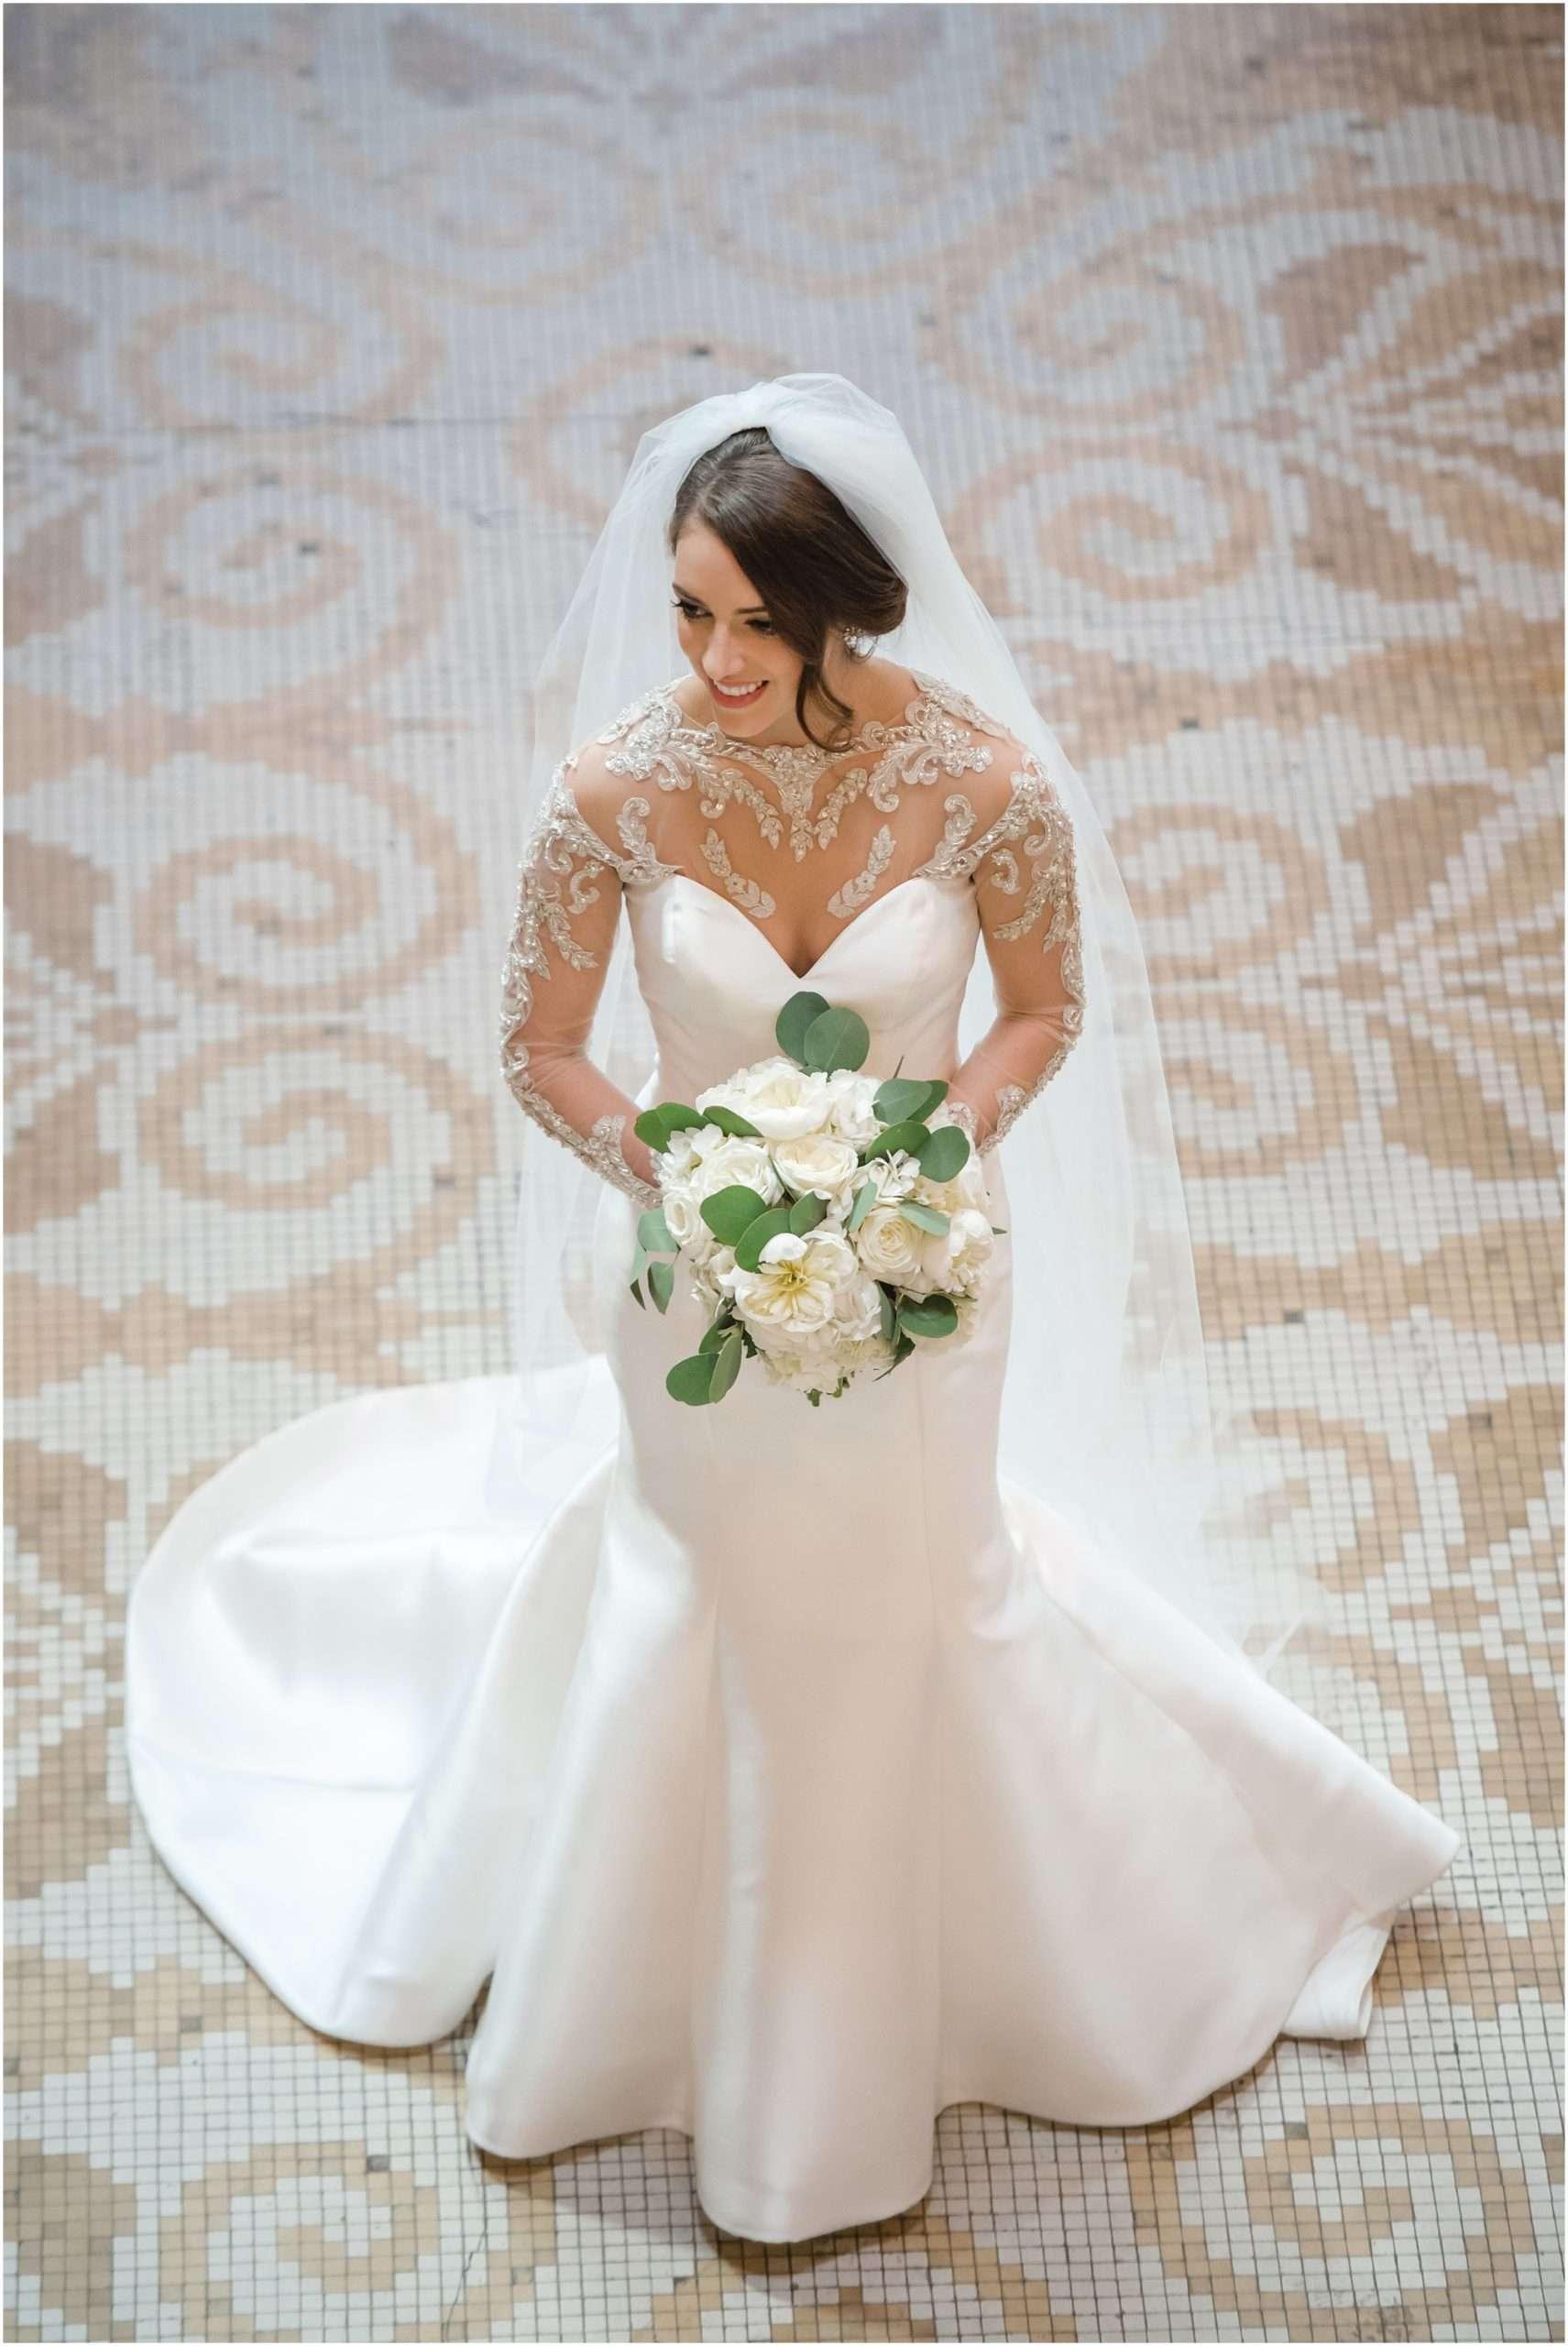 Spring Wedding at the Ohio Statehouse | Columbus Ohio Photography 112